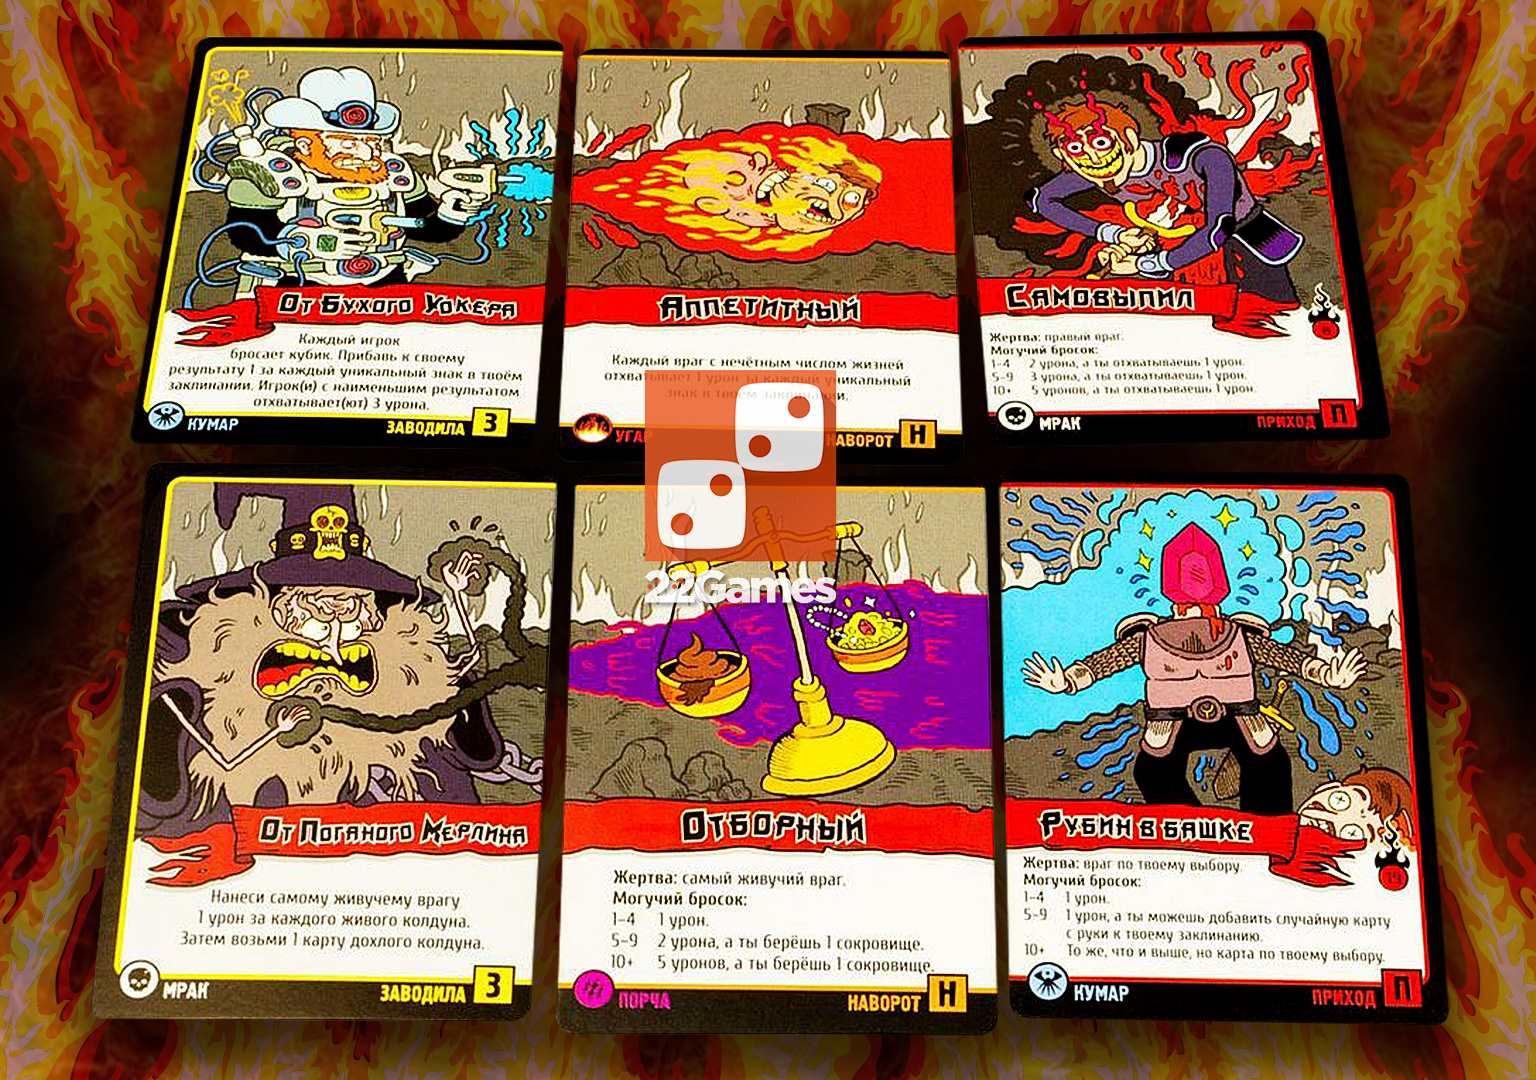 боевые бесплатно играть карты